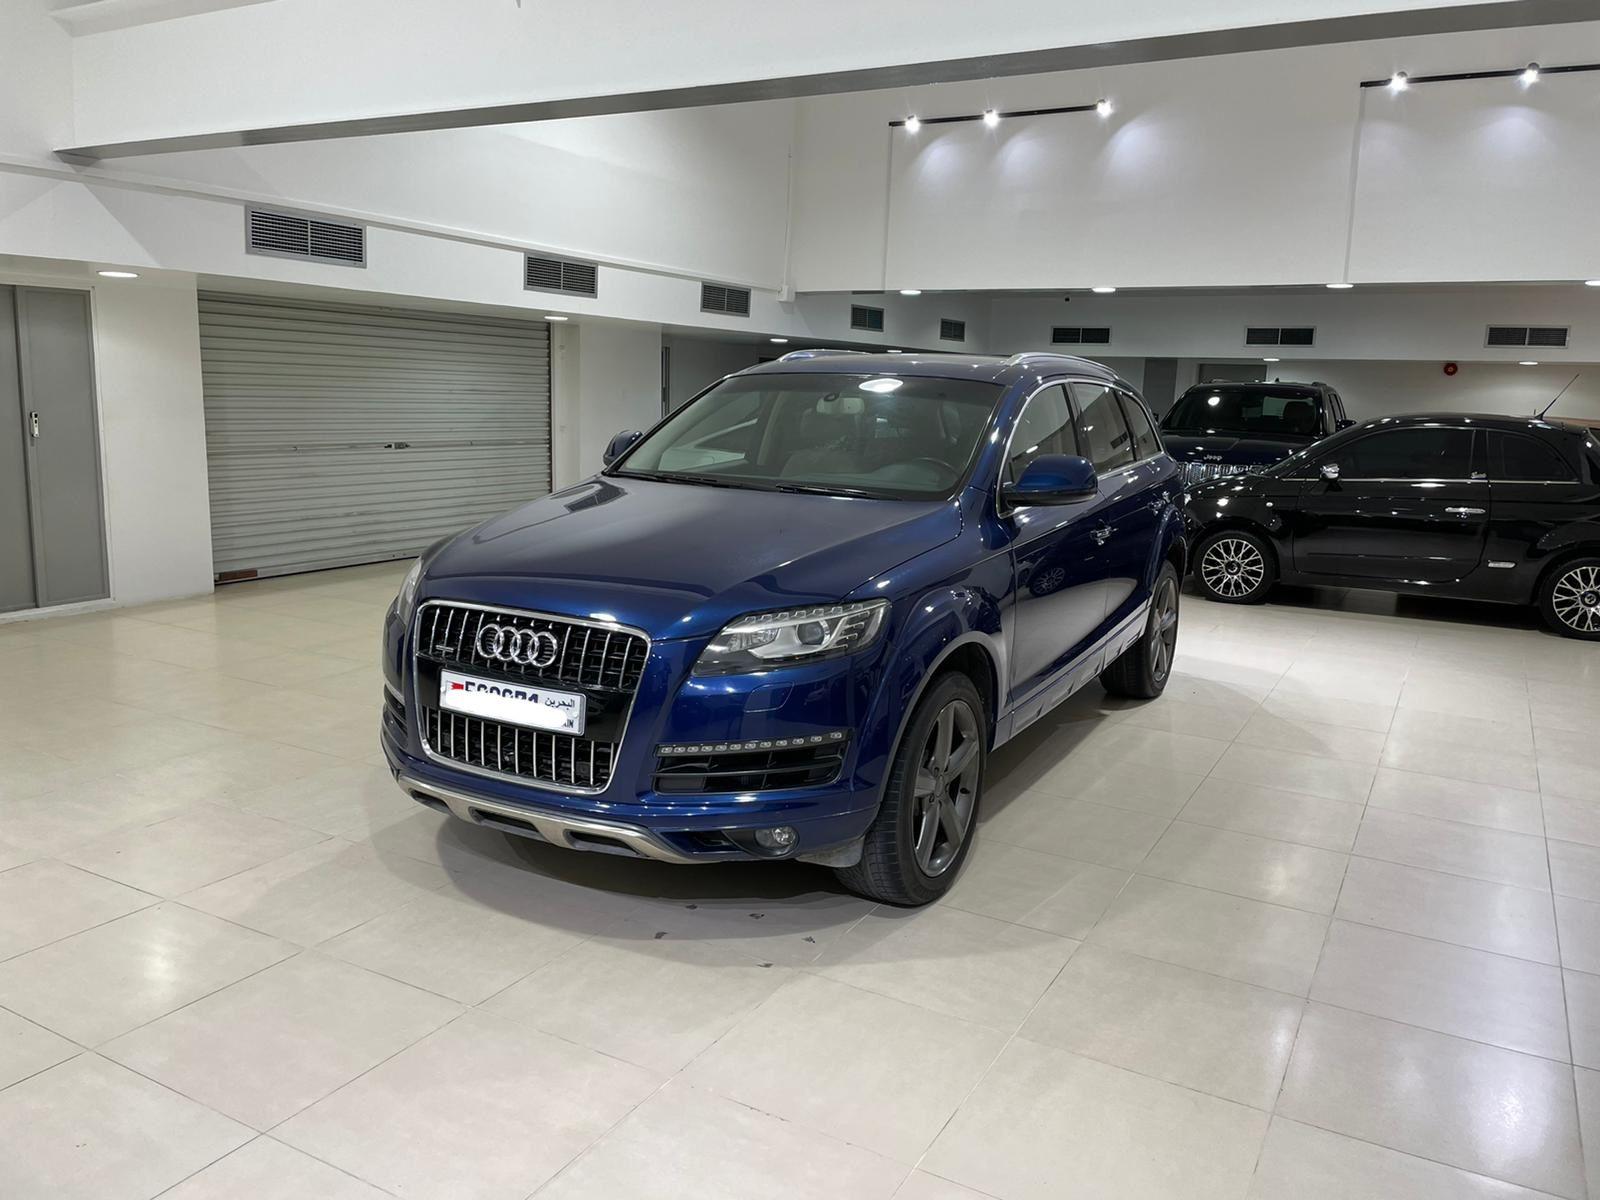 Audi Q7 / 2015 (Blue)